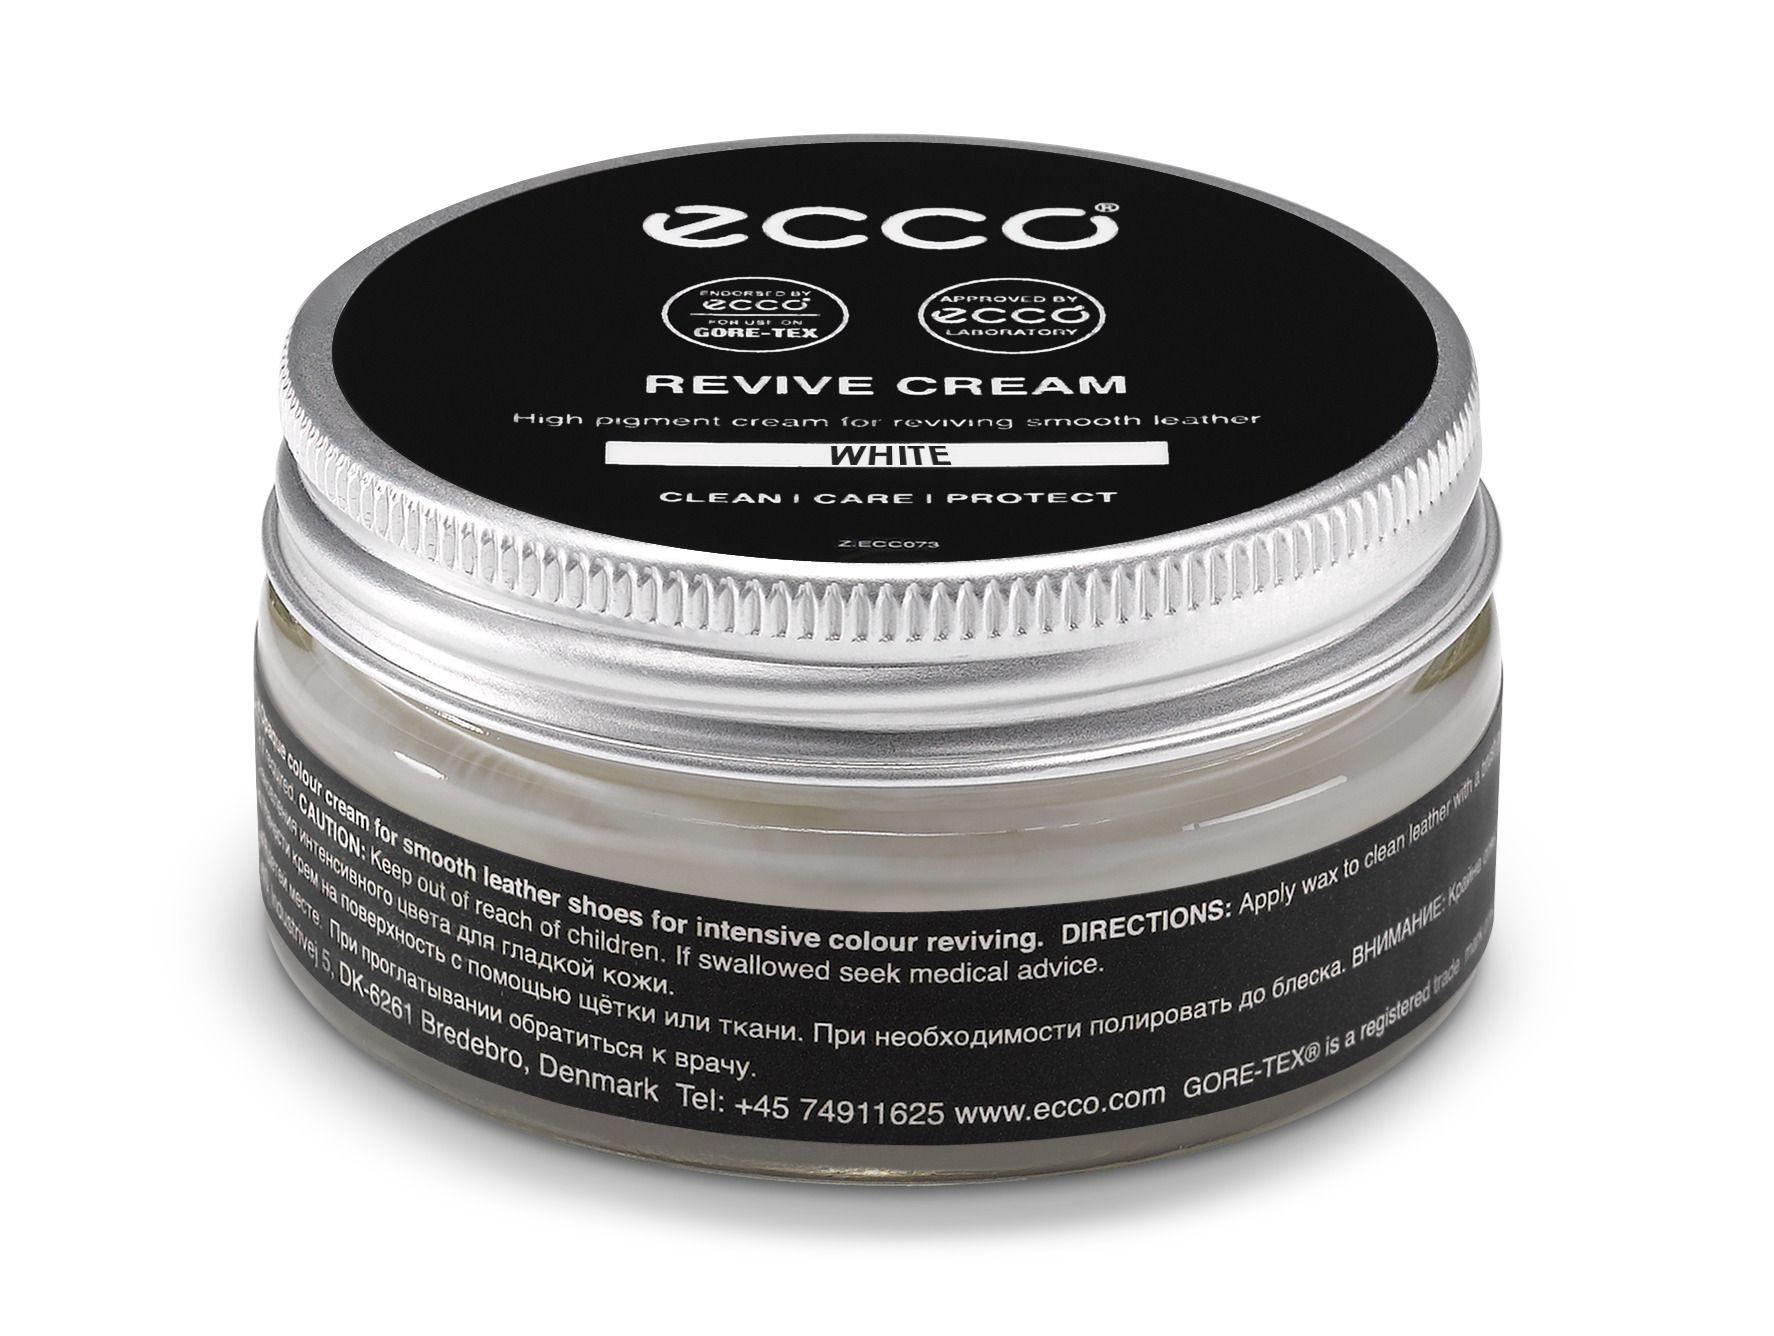 Ecco Revive Cream, white